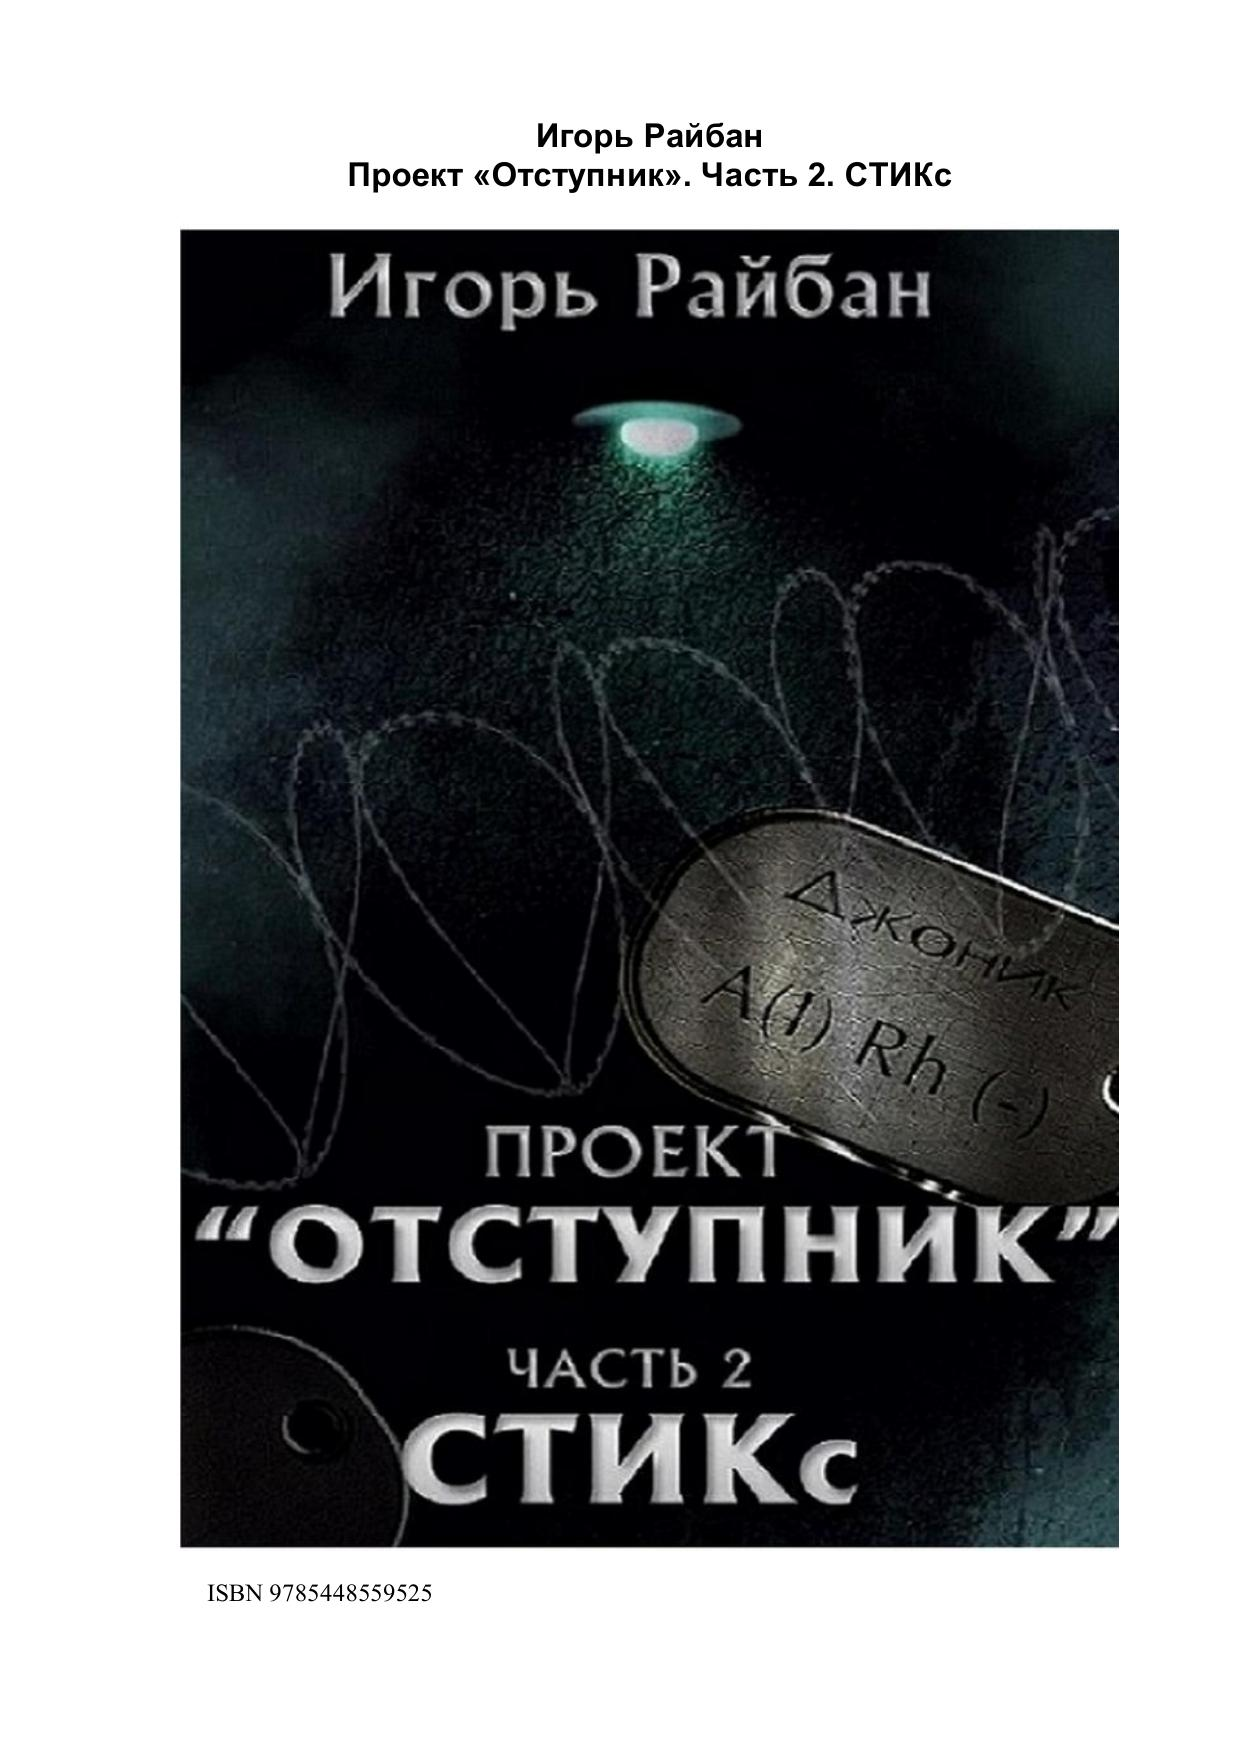 Книга  Проект «Отступник». Часть 2 fde21f1562f71